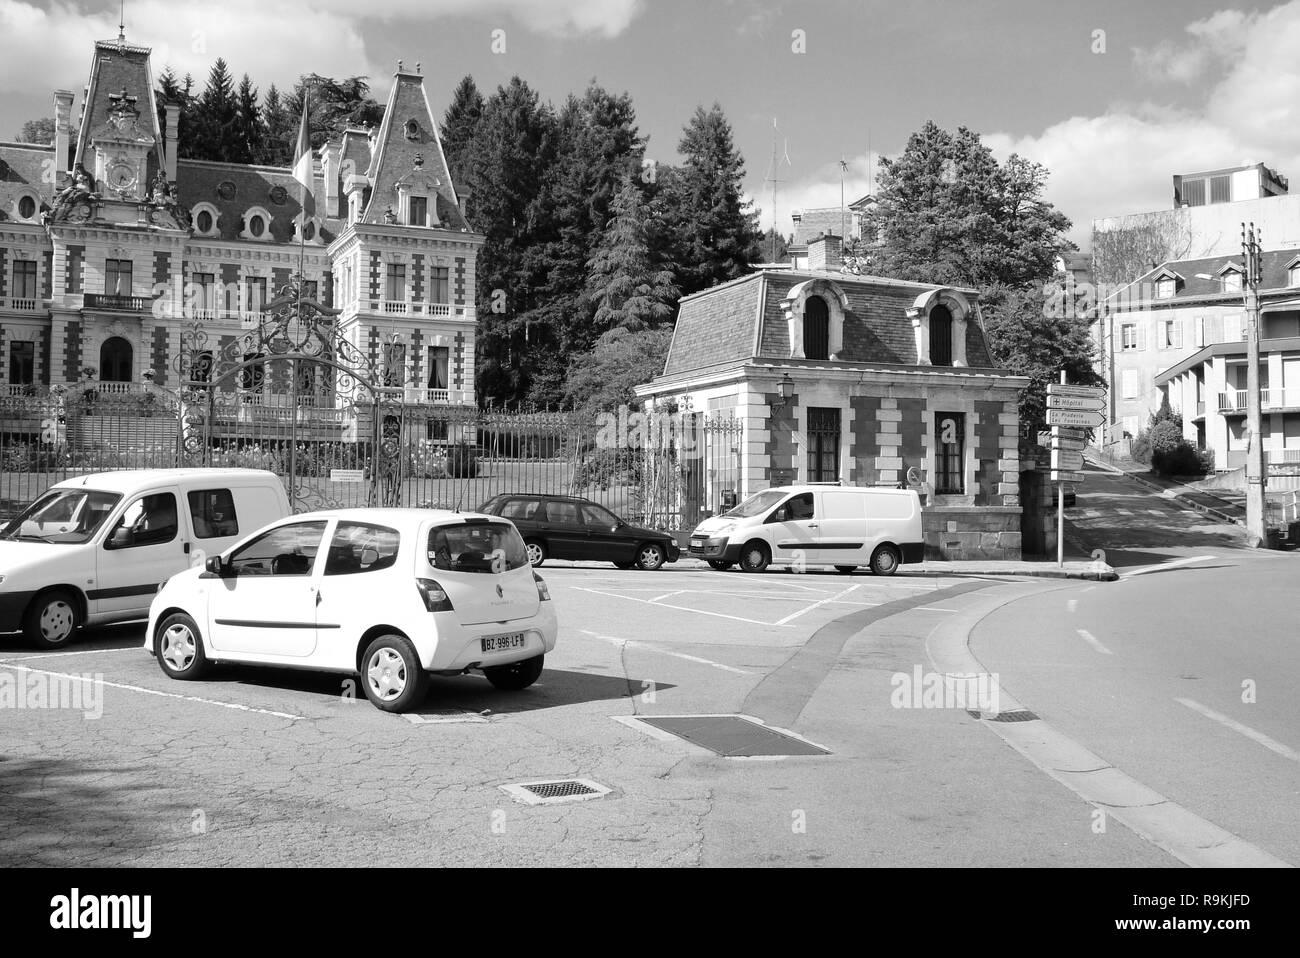 Reportage: Zwei Stunden in der Stadt, wo François Hollande, Präsident der Französischen Republik, Tüll, wurde Frankreich Stockbild